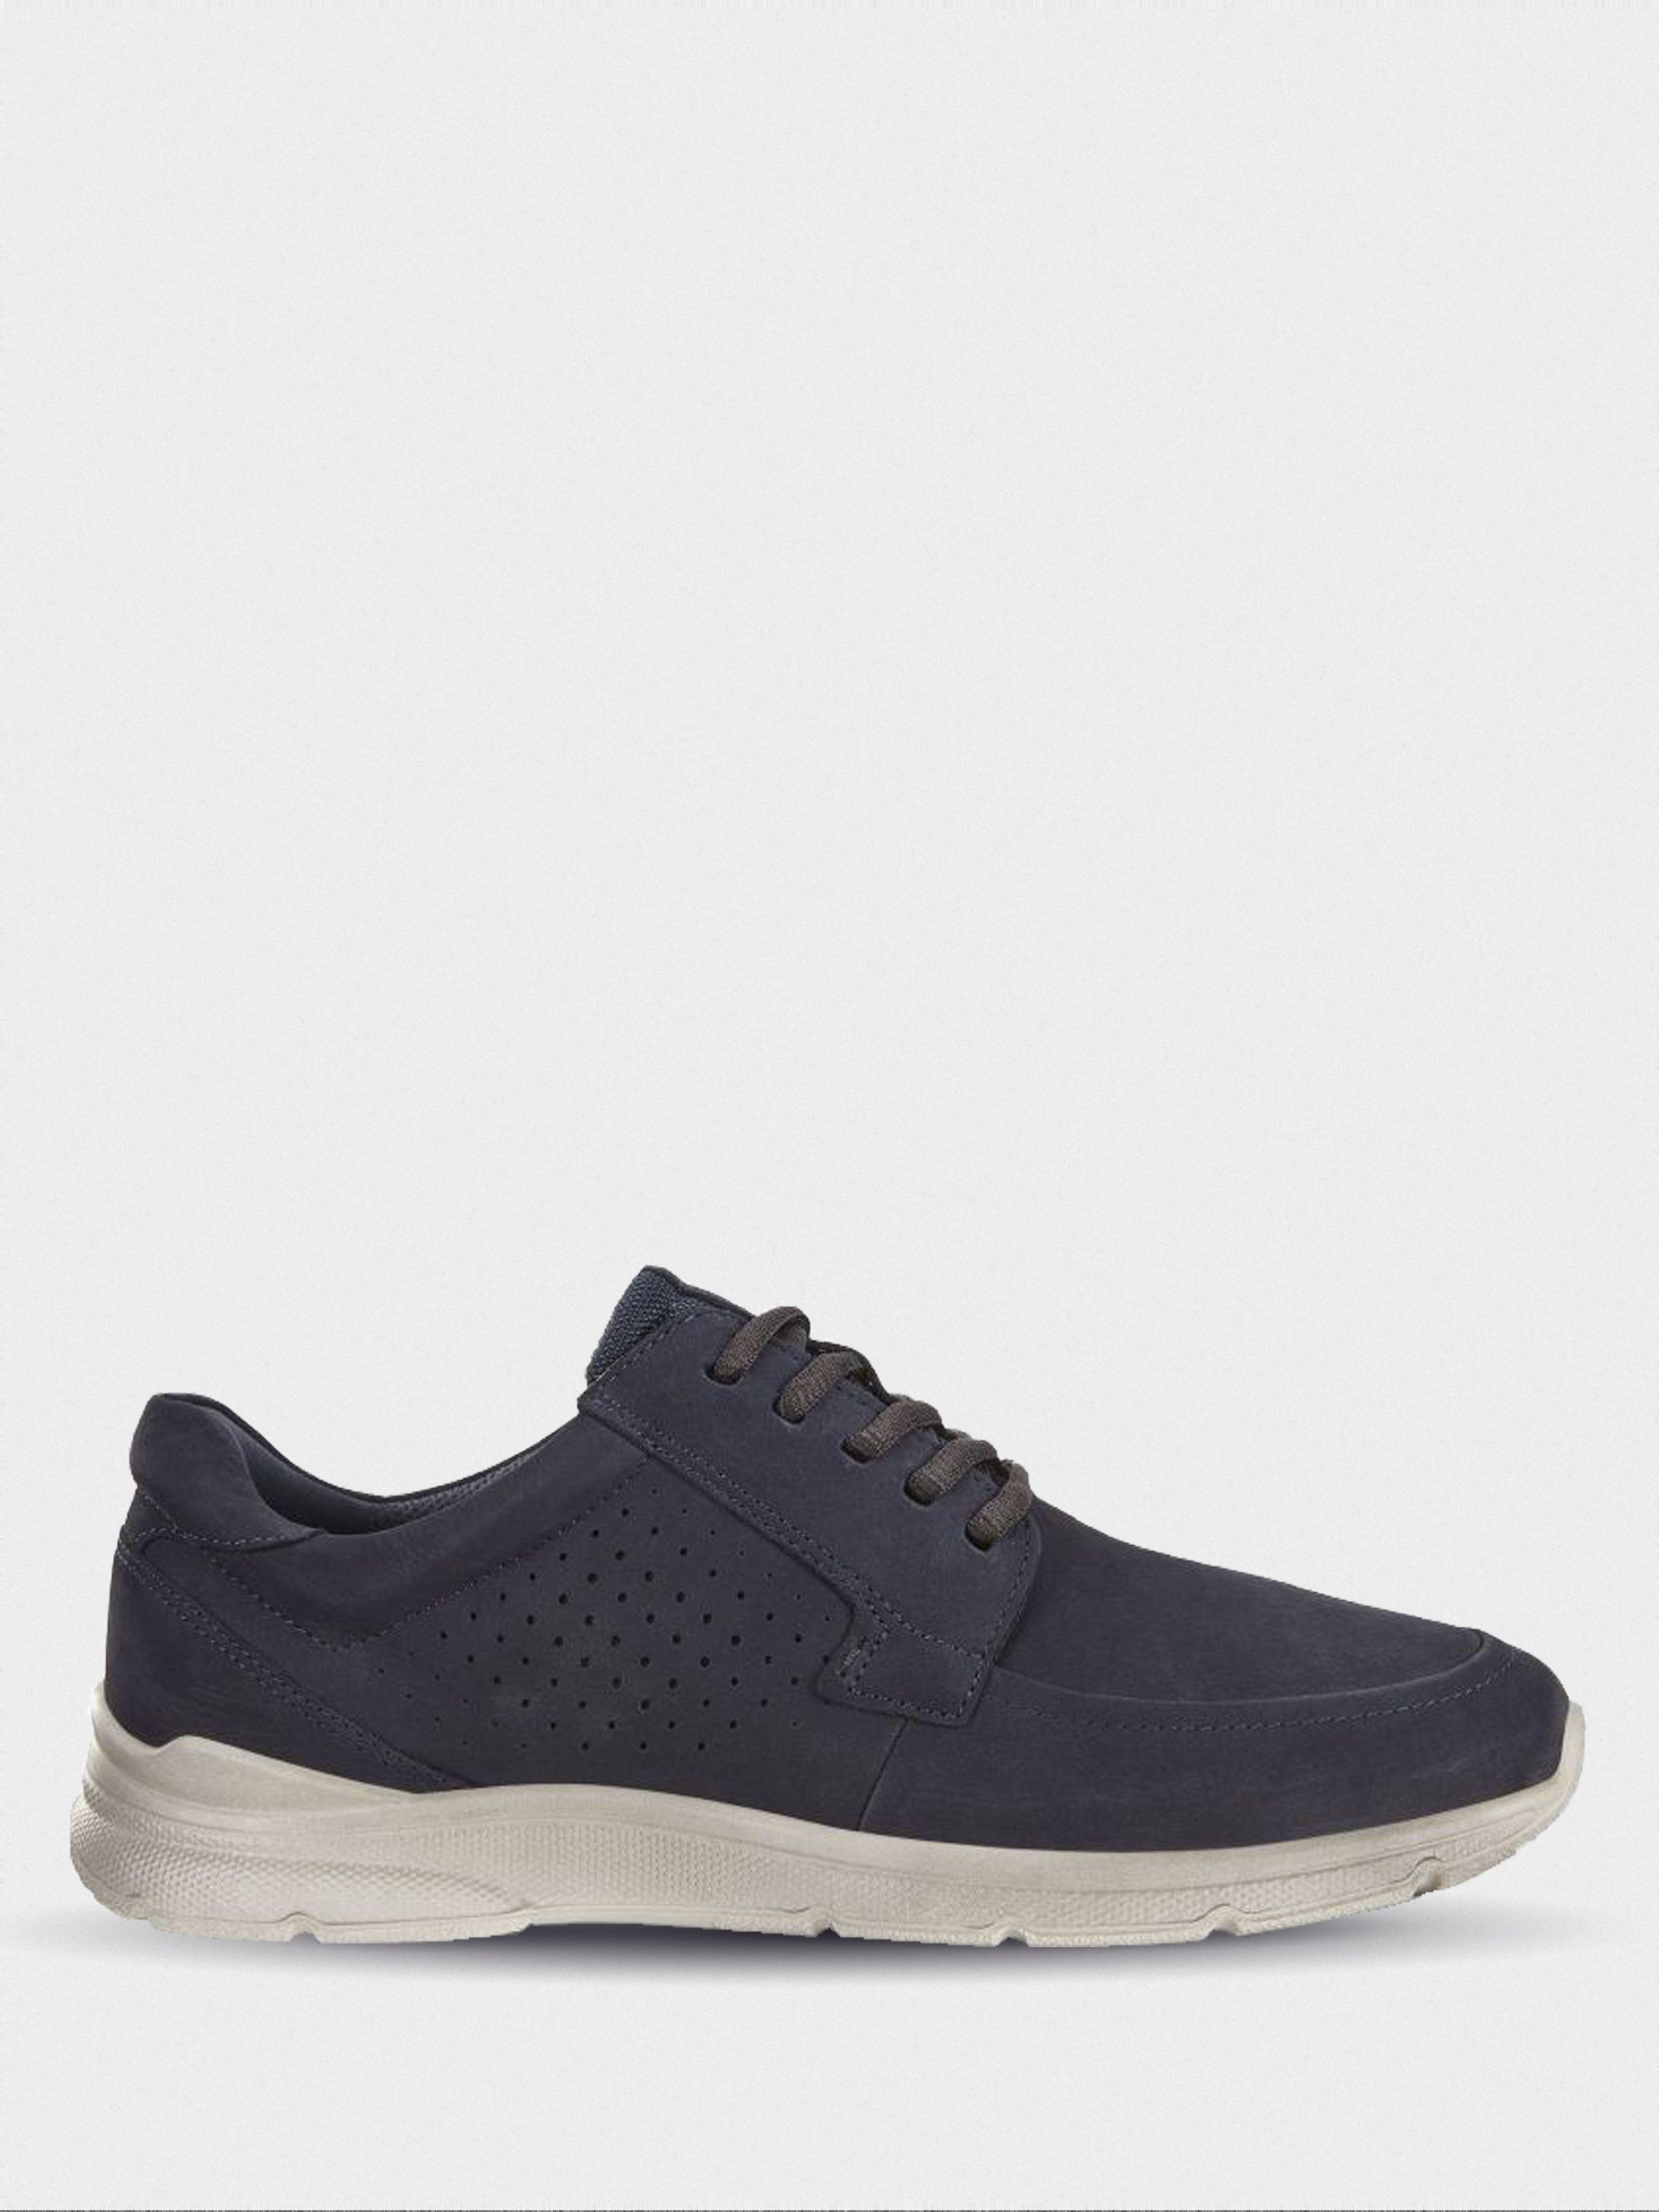 Полуботинки для мужчин ECCO IRVING ZM4132 брендовая обувь, 2017